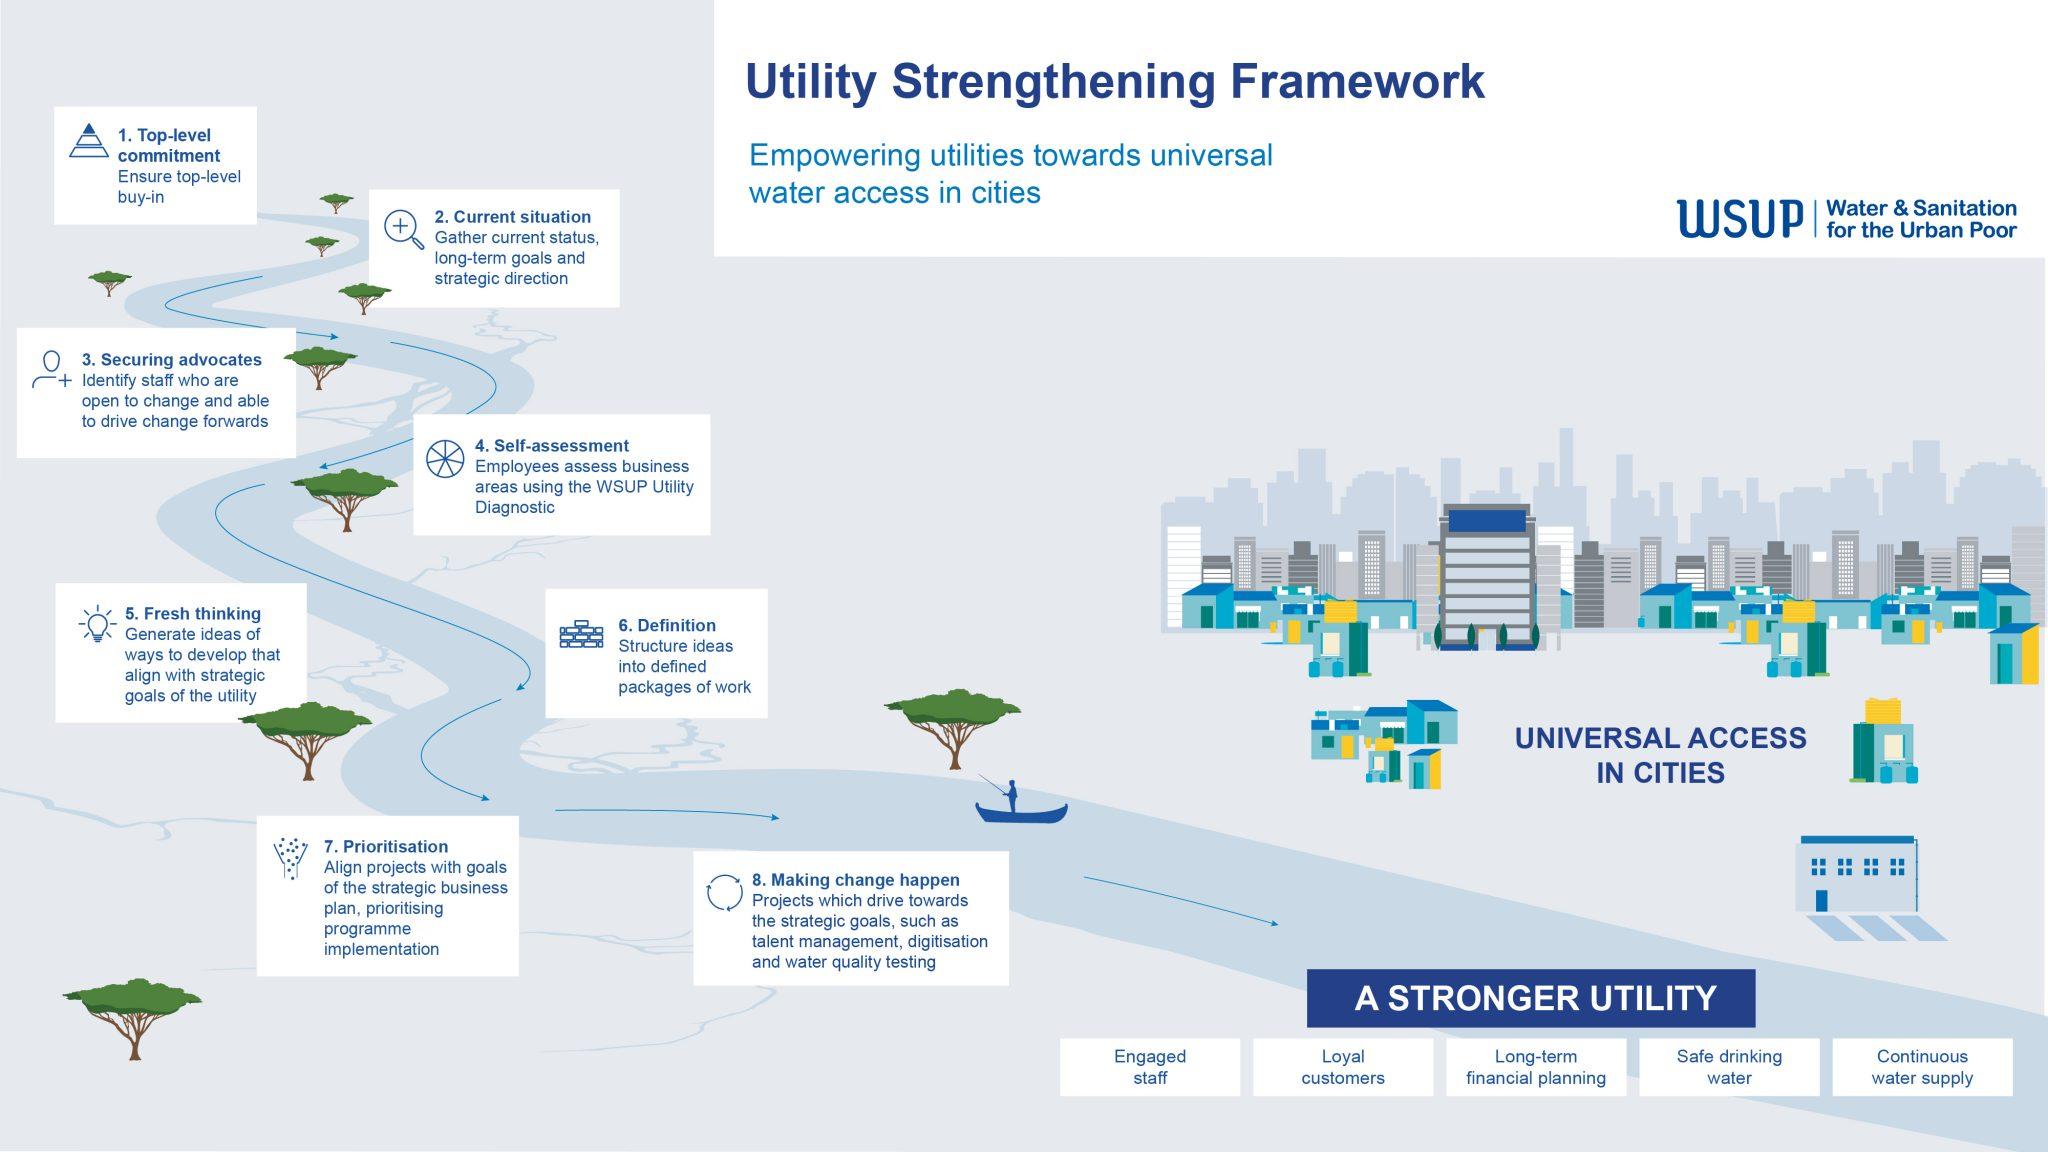 WSUP's Utility Strengthening Framework